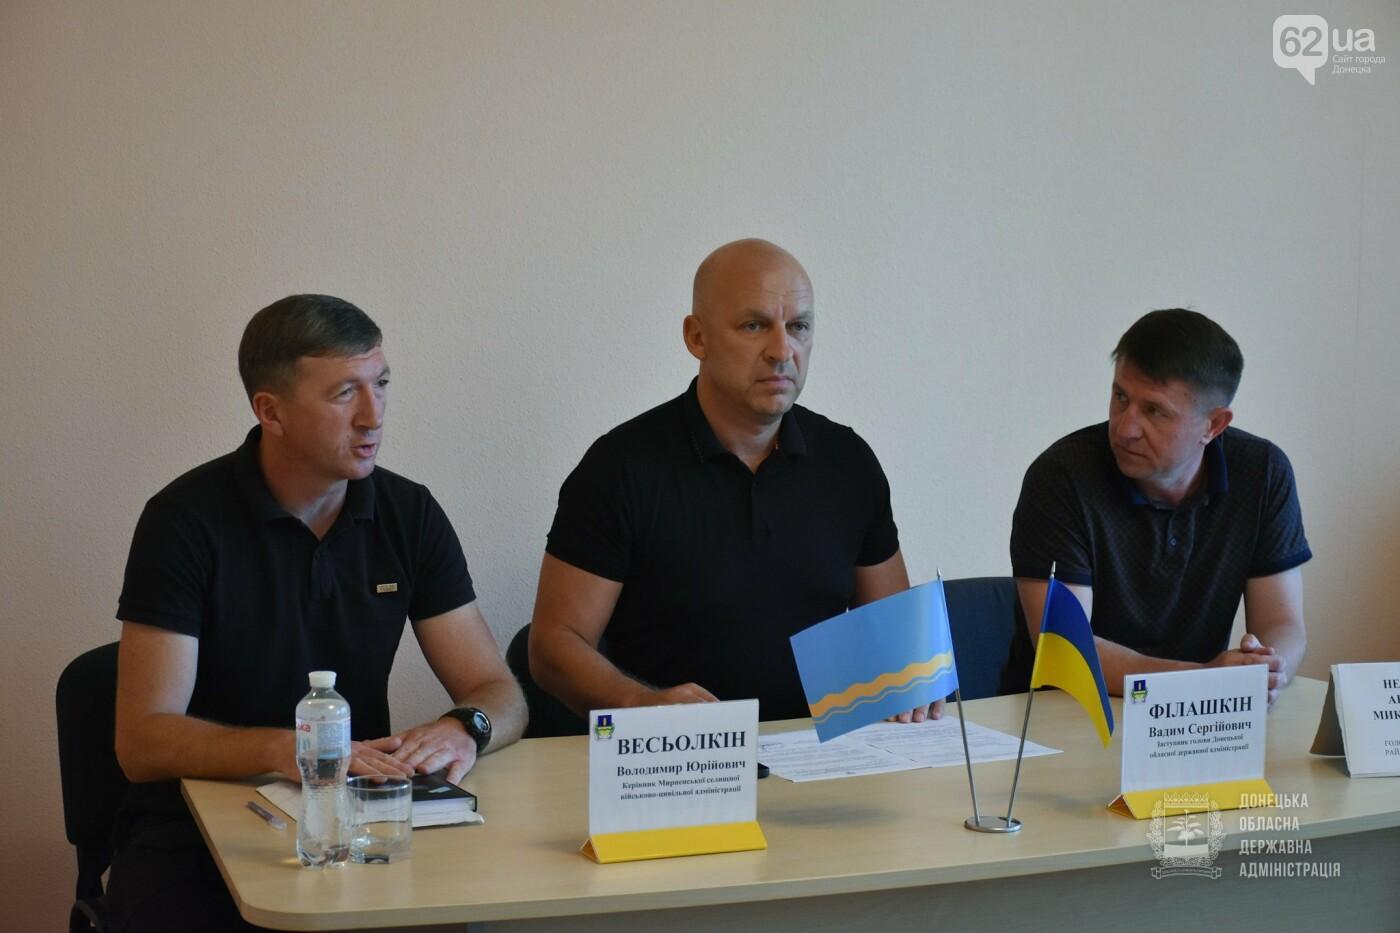 Новым руководителем Мирненской ВГА стал экс-глава ВГА Зайцево, фото-1